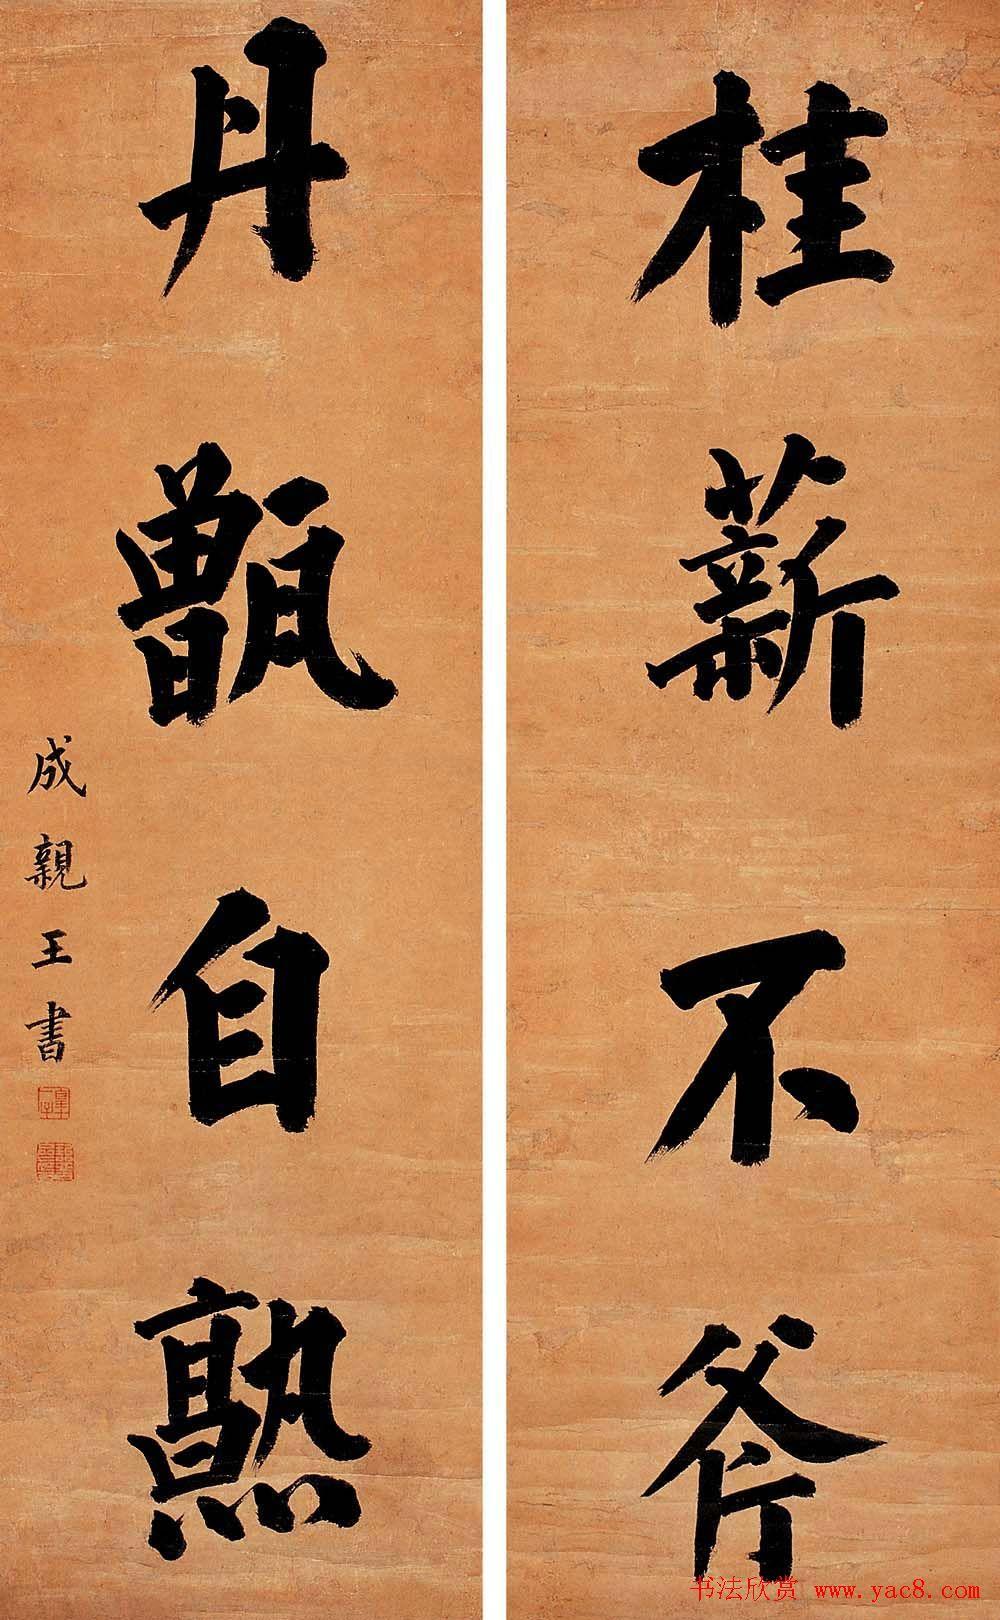 成亲王爱新觉罗永瑆书法艺术网络展(4)图片